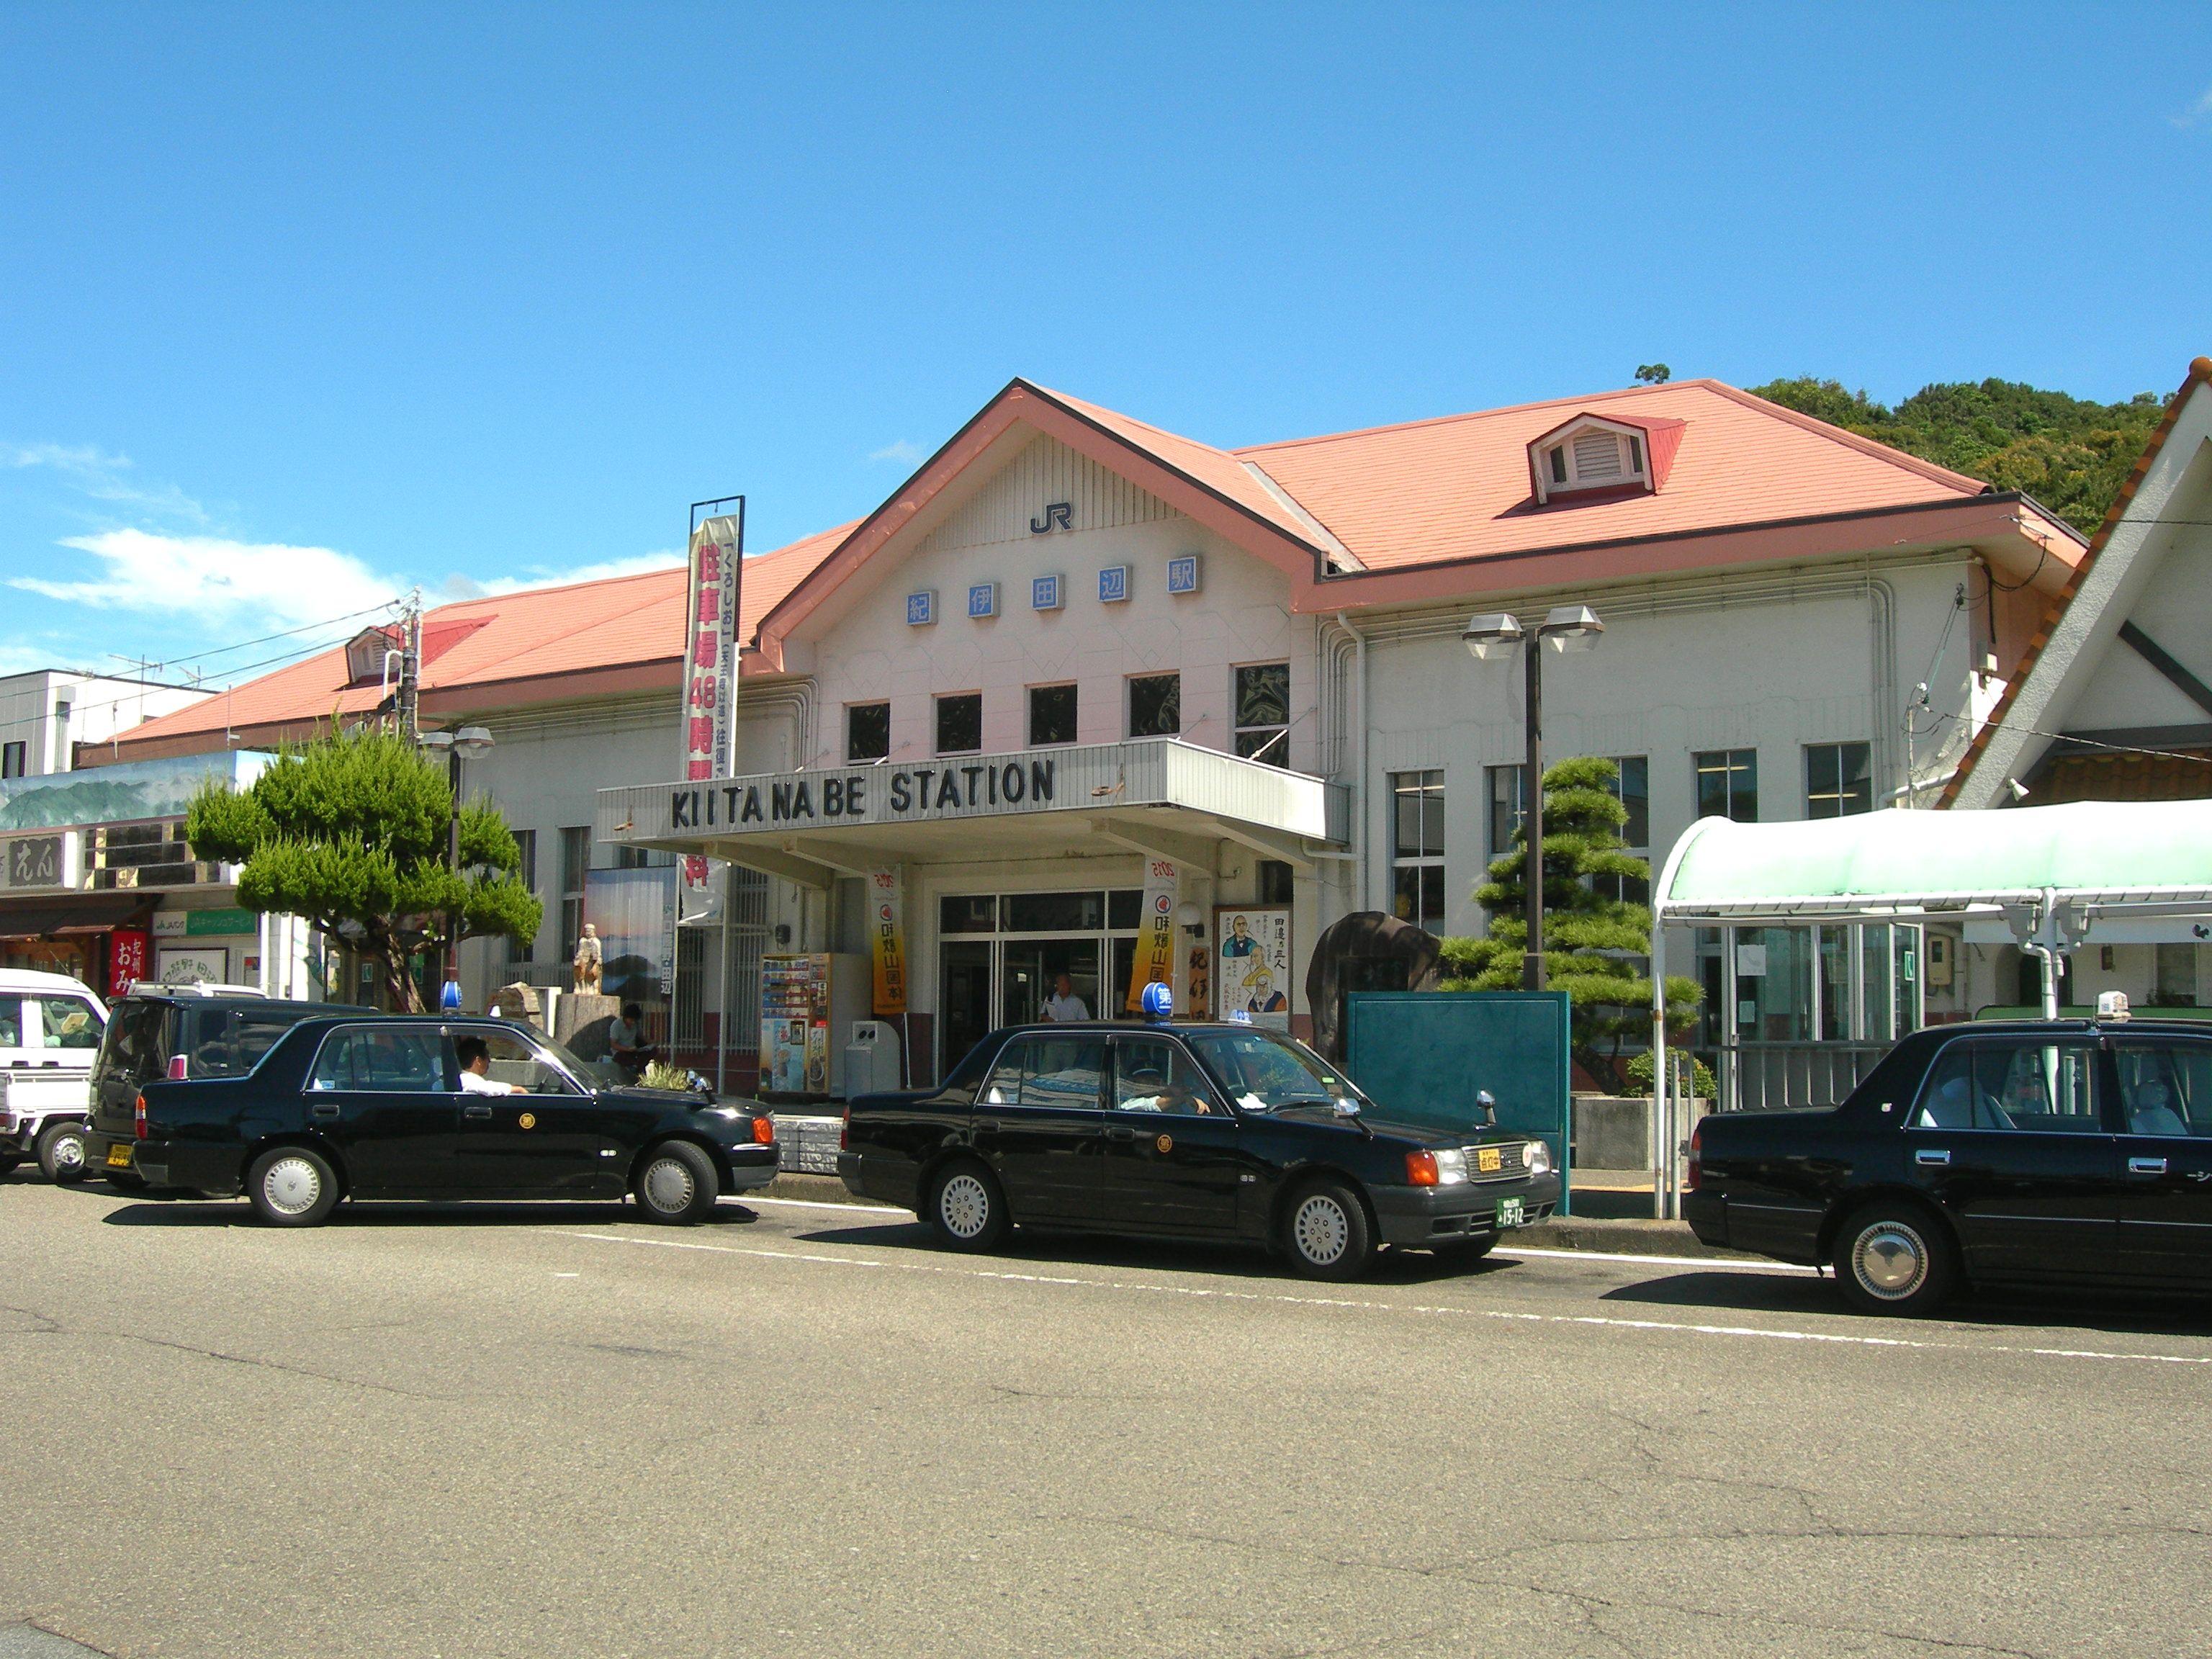 Resultado de imagen de kii tanabe station